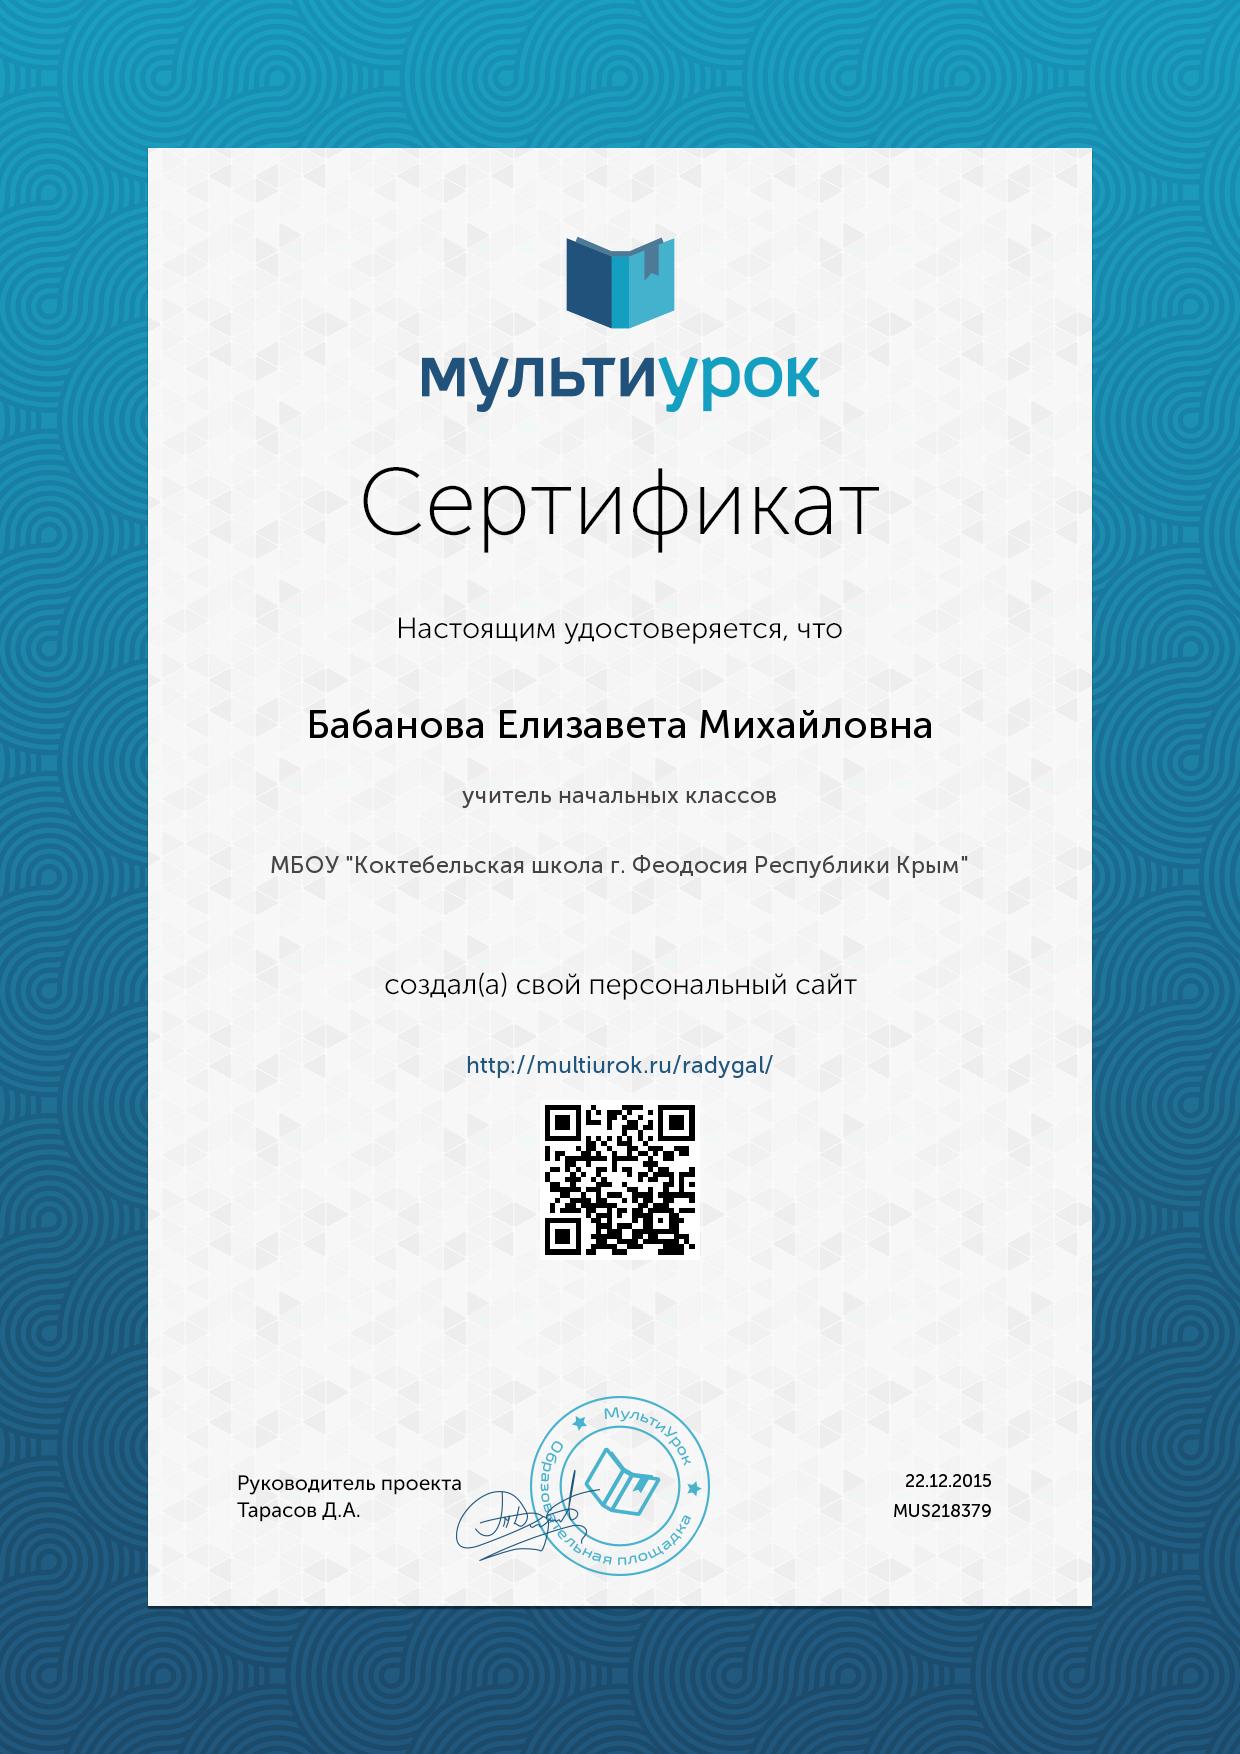 C:\Users\Elizaveta\Desktop\аттестация Бабанова\Лиза сертификаты\Сертификат Бабанова Елизавета Михайловна.png